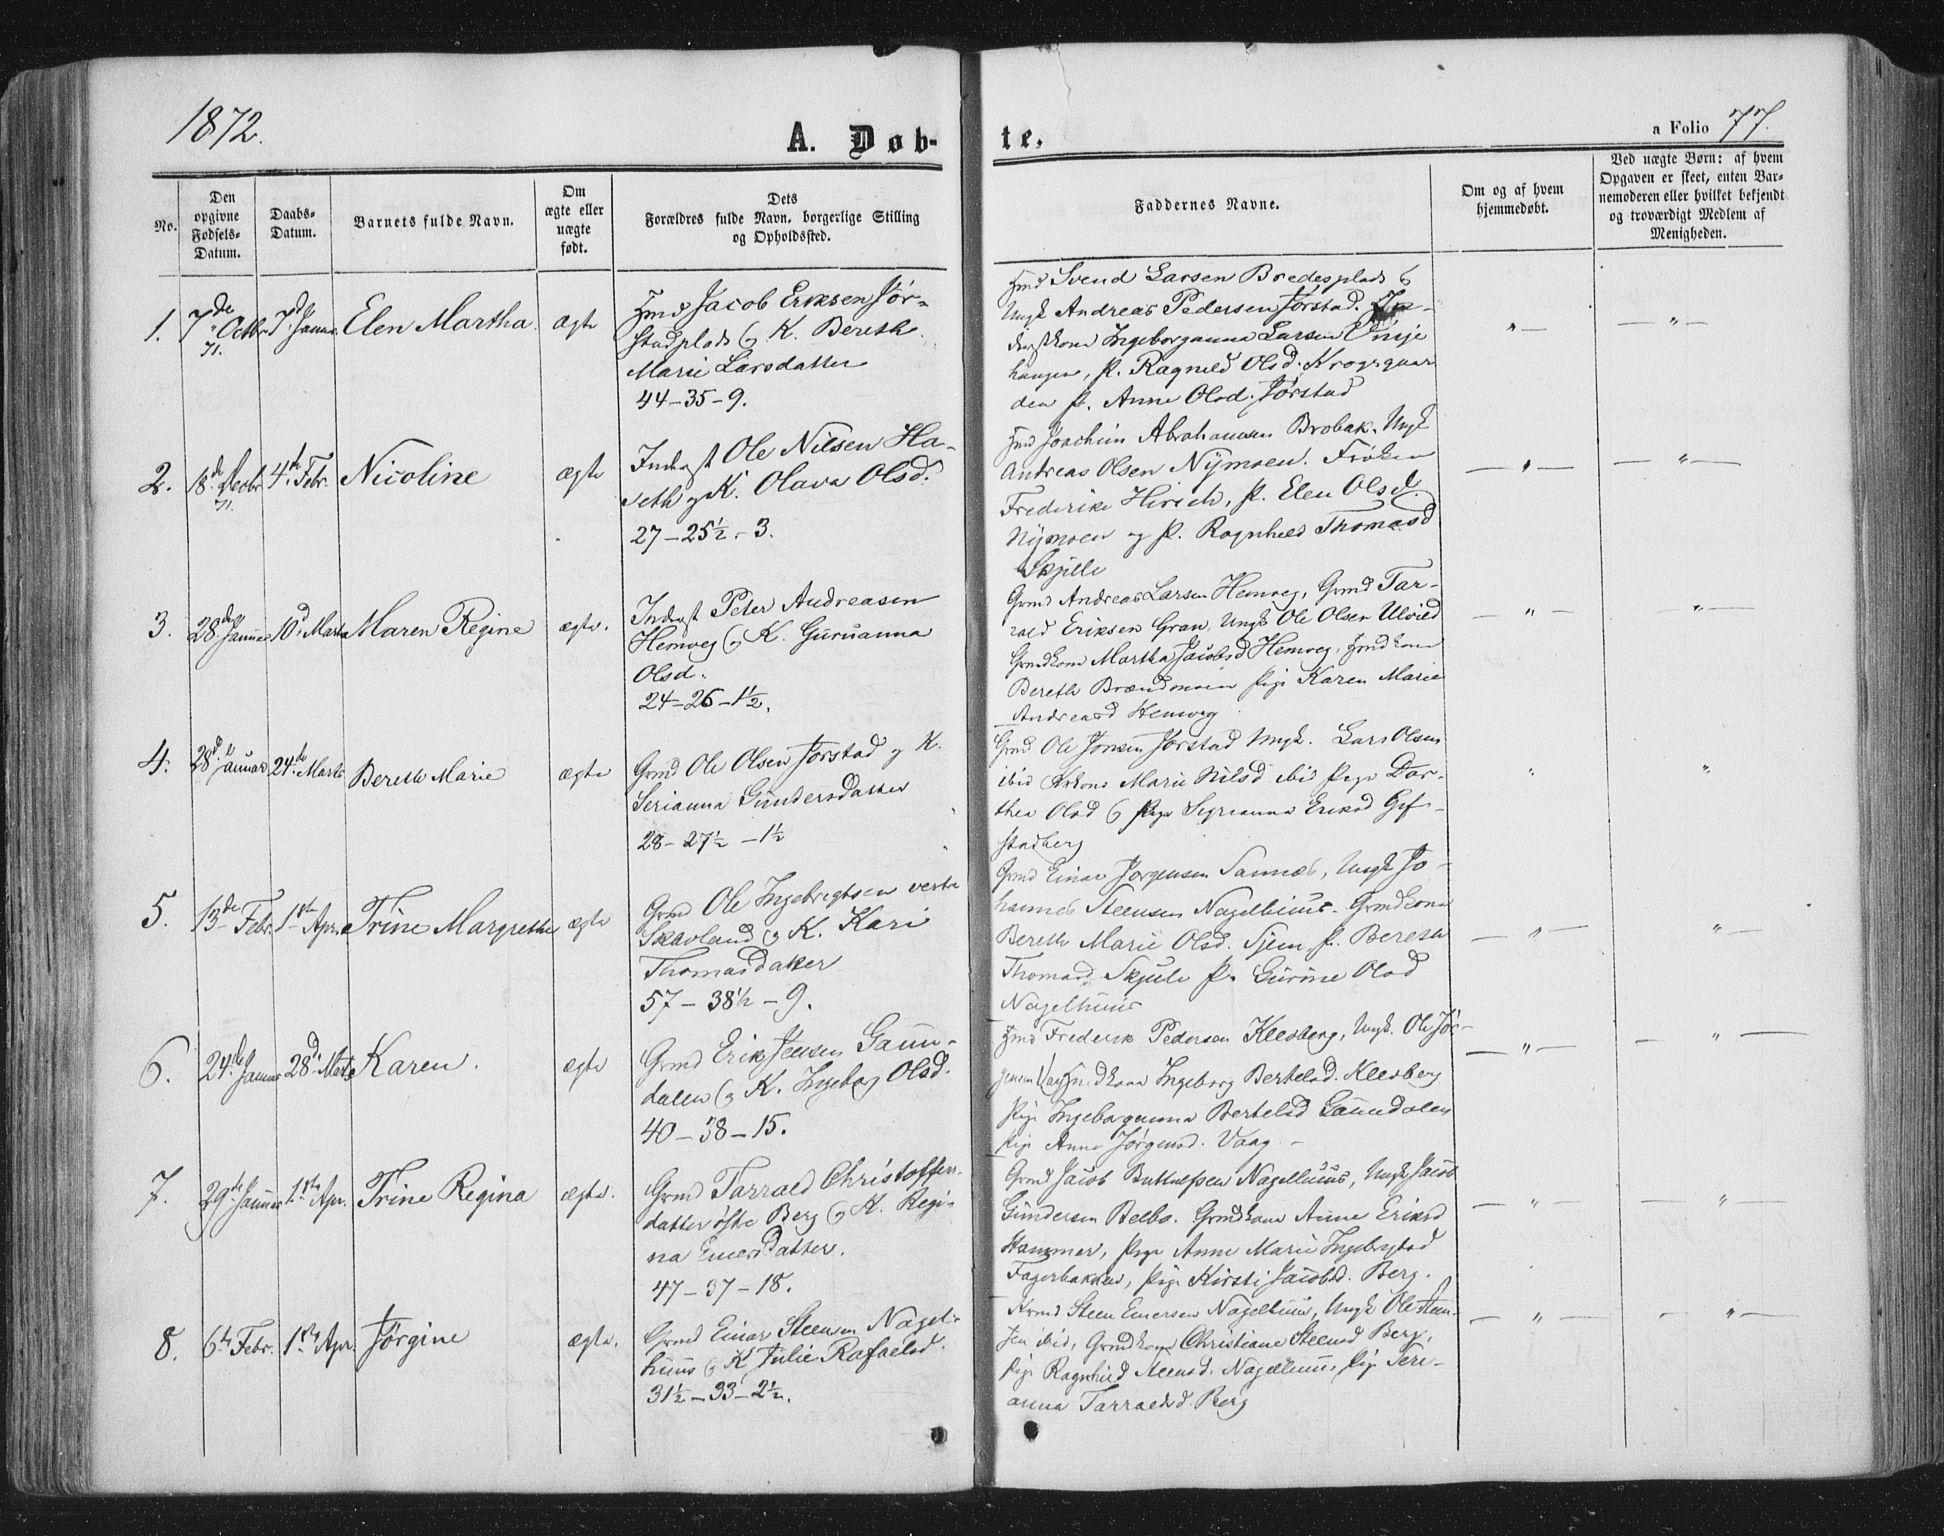 SAT, Ministerialprotokoller, klokkerbøker og fødselsregistre - Nord-Trøndelag, 749/L0472: Ministerialbok nr. 749A06, 1857-1873, s. 77